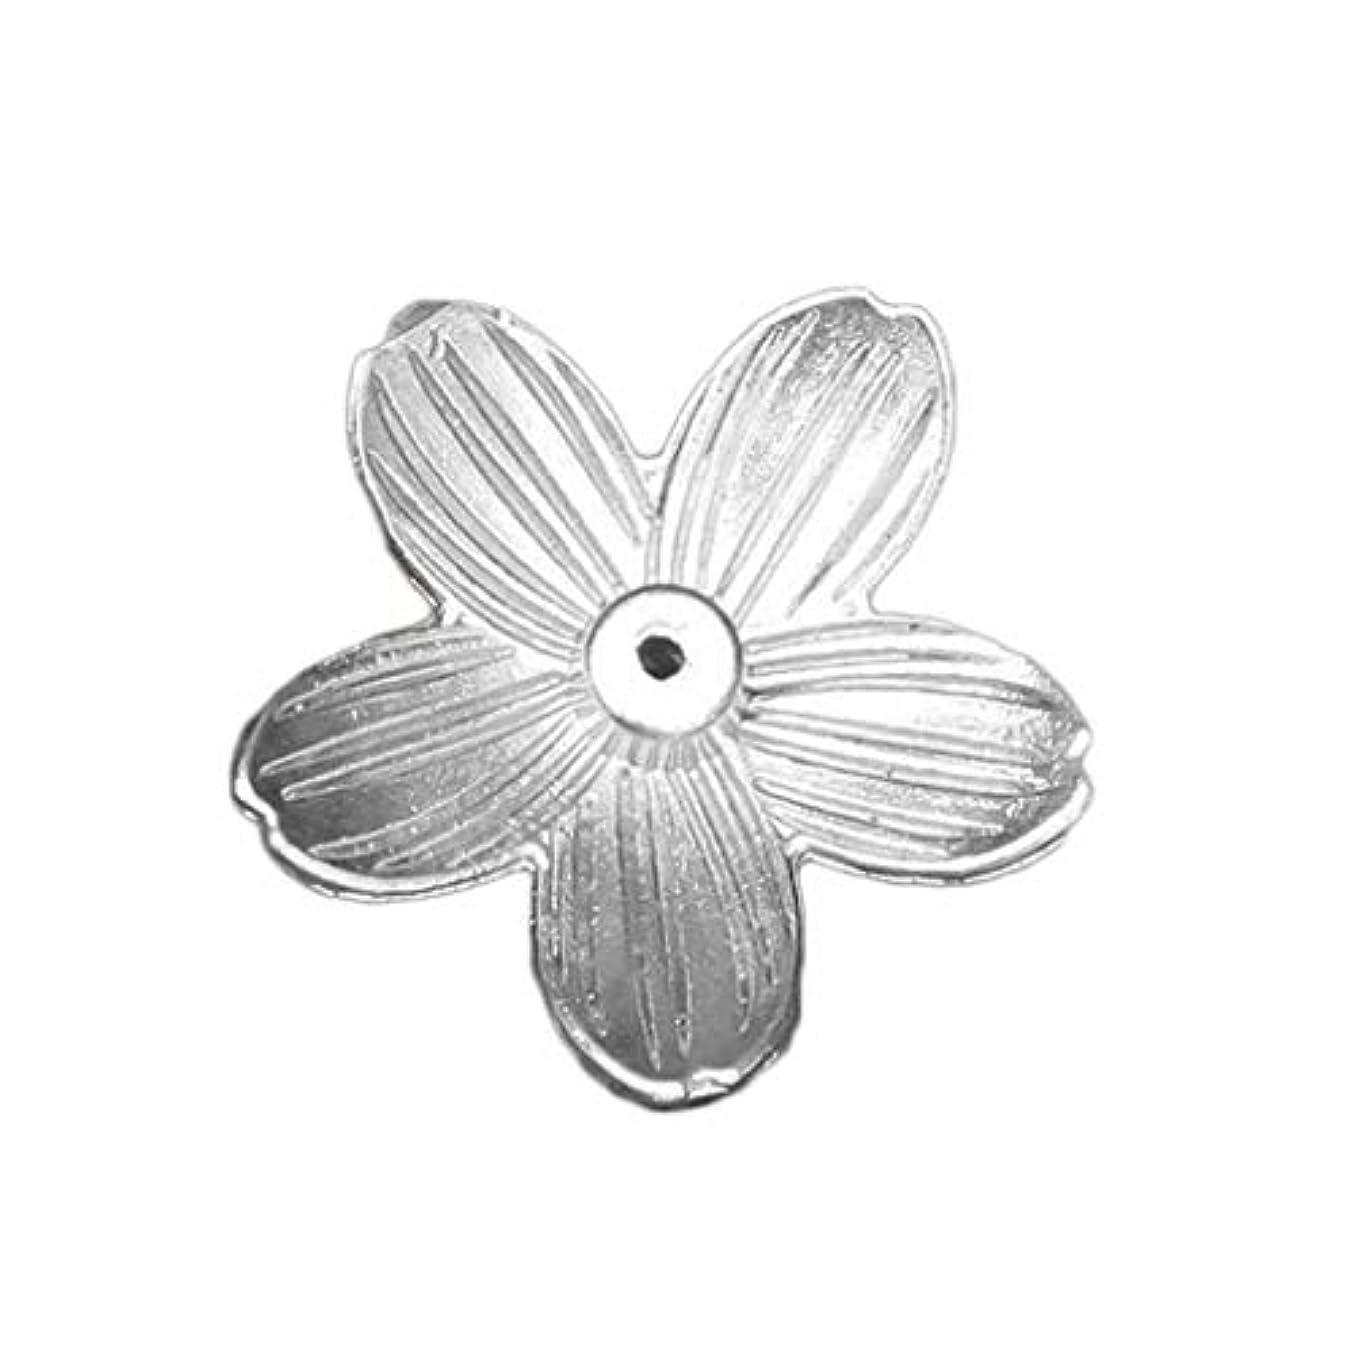 去る天才センター芳香器?アロマバーナー 1ピース桜の花柄香バーナースティックホルダー香ベースプラグ香スタンドホームデコレーション 芳香器?アロマバーナー (Color : C)